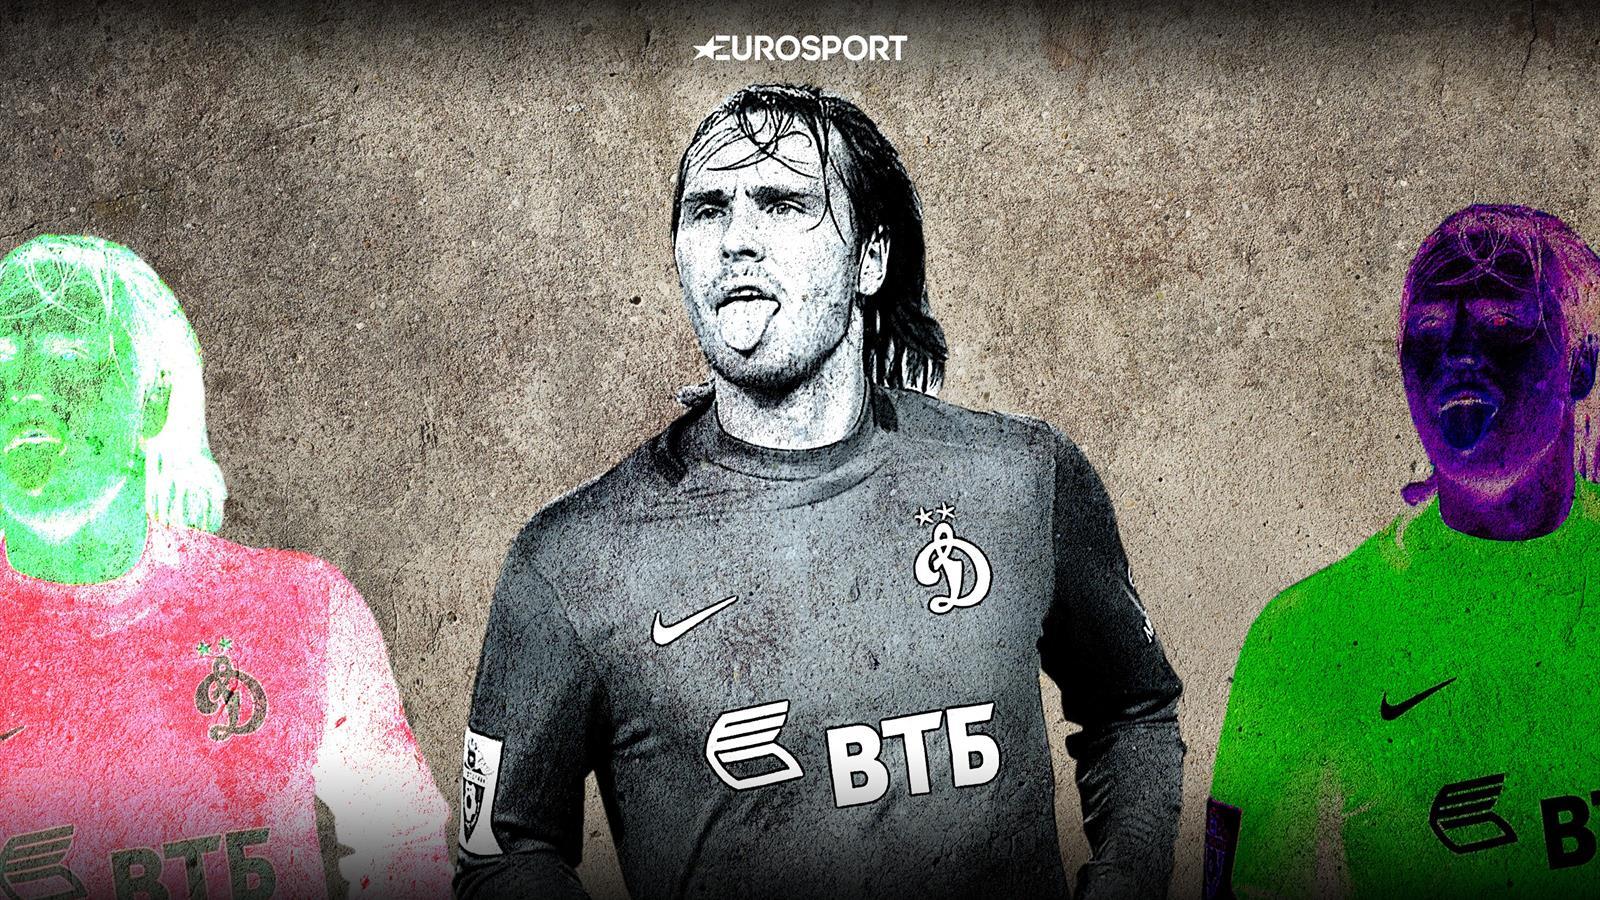 Русский футболист проклял себя одним трансфером. Мог перейти в «Зенит», а теперь безработный